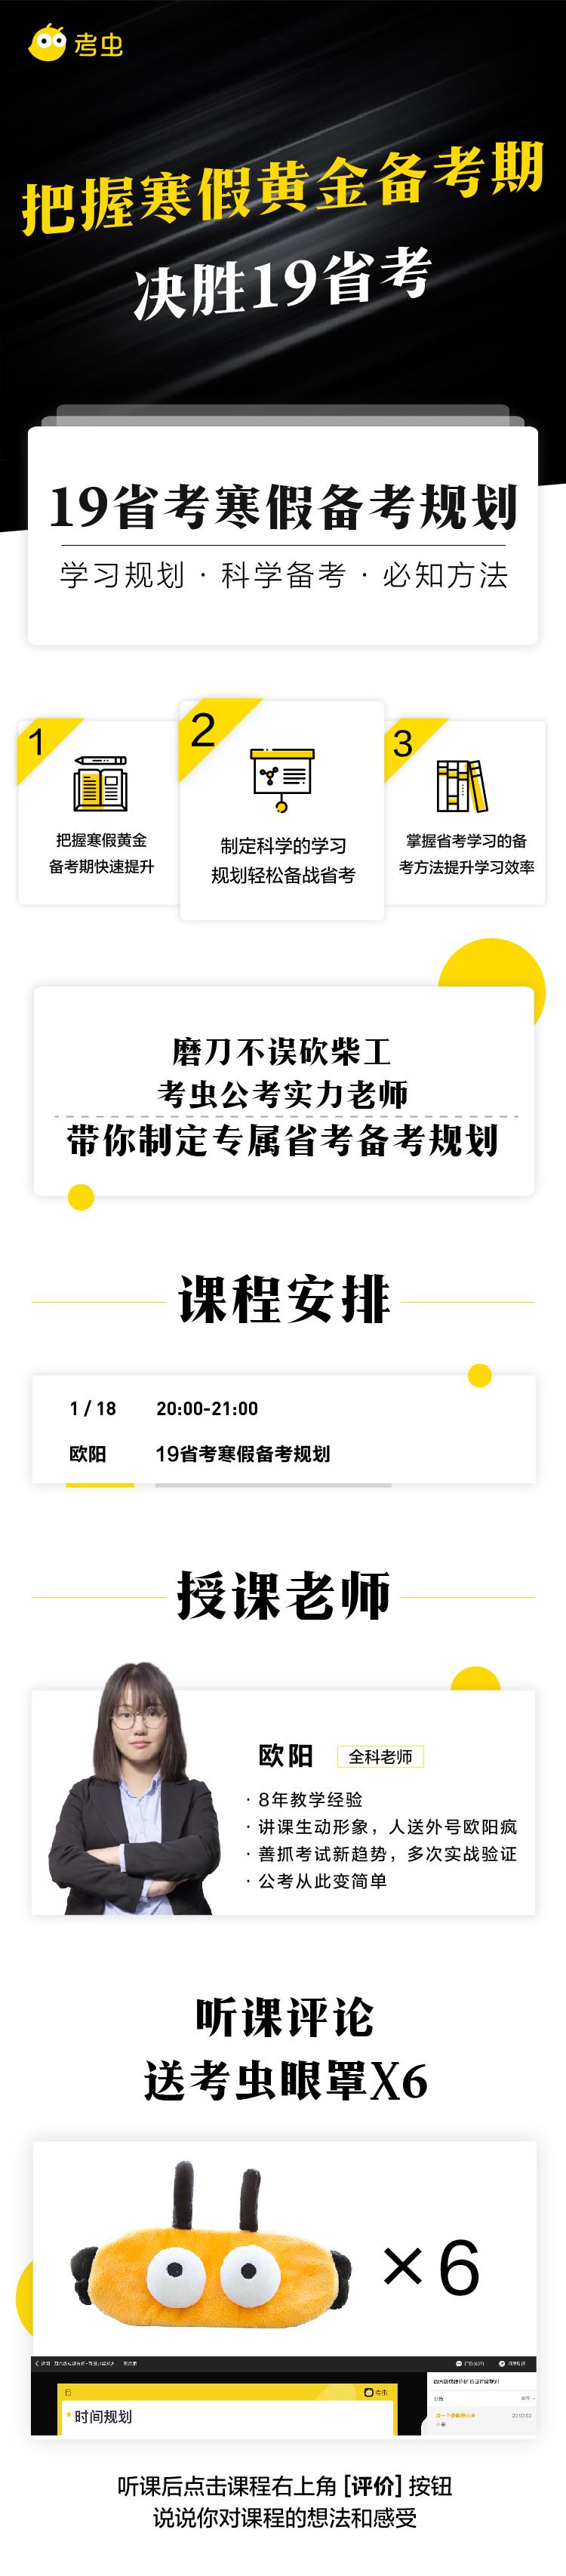 19省考寒假备考规划详情页-100.jpg